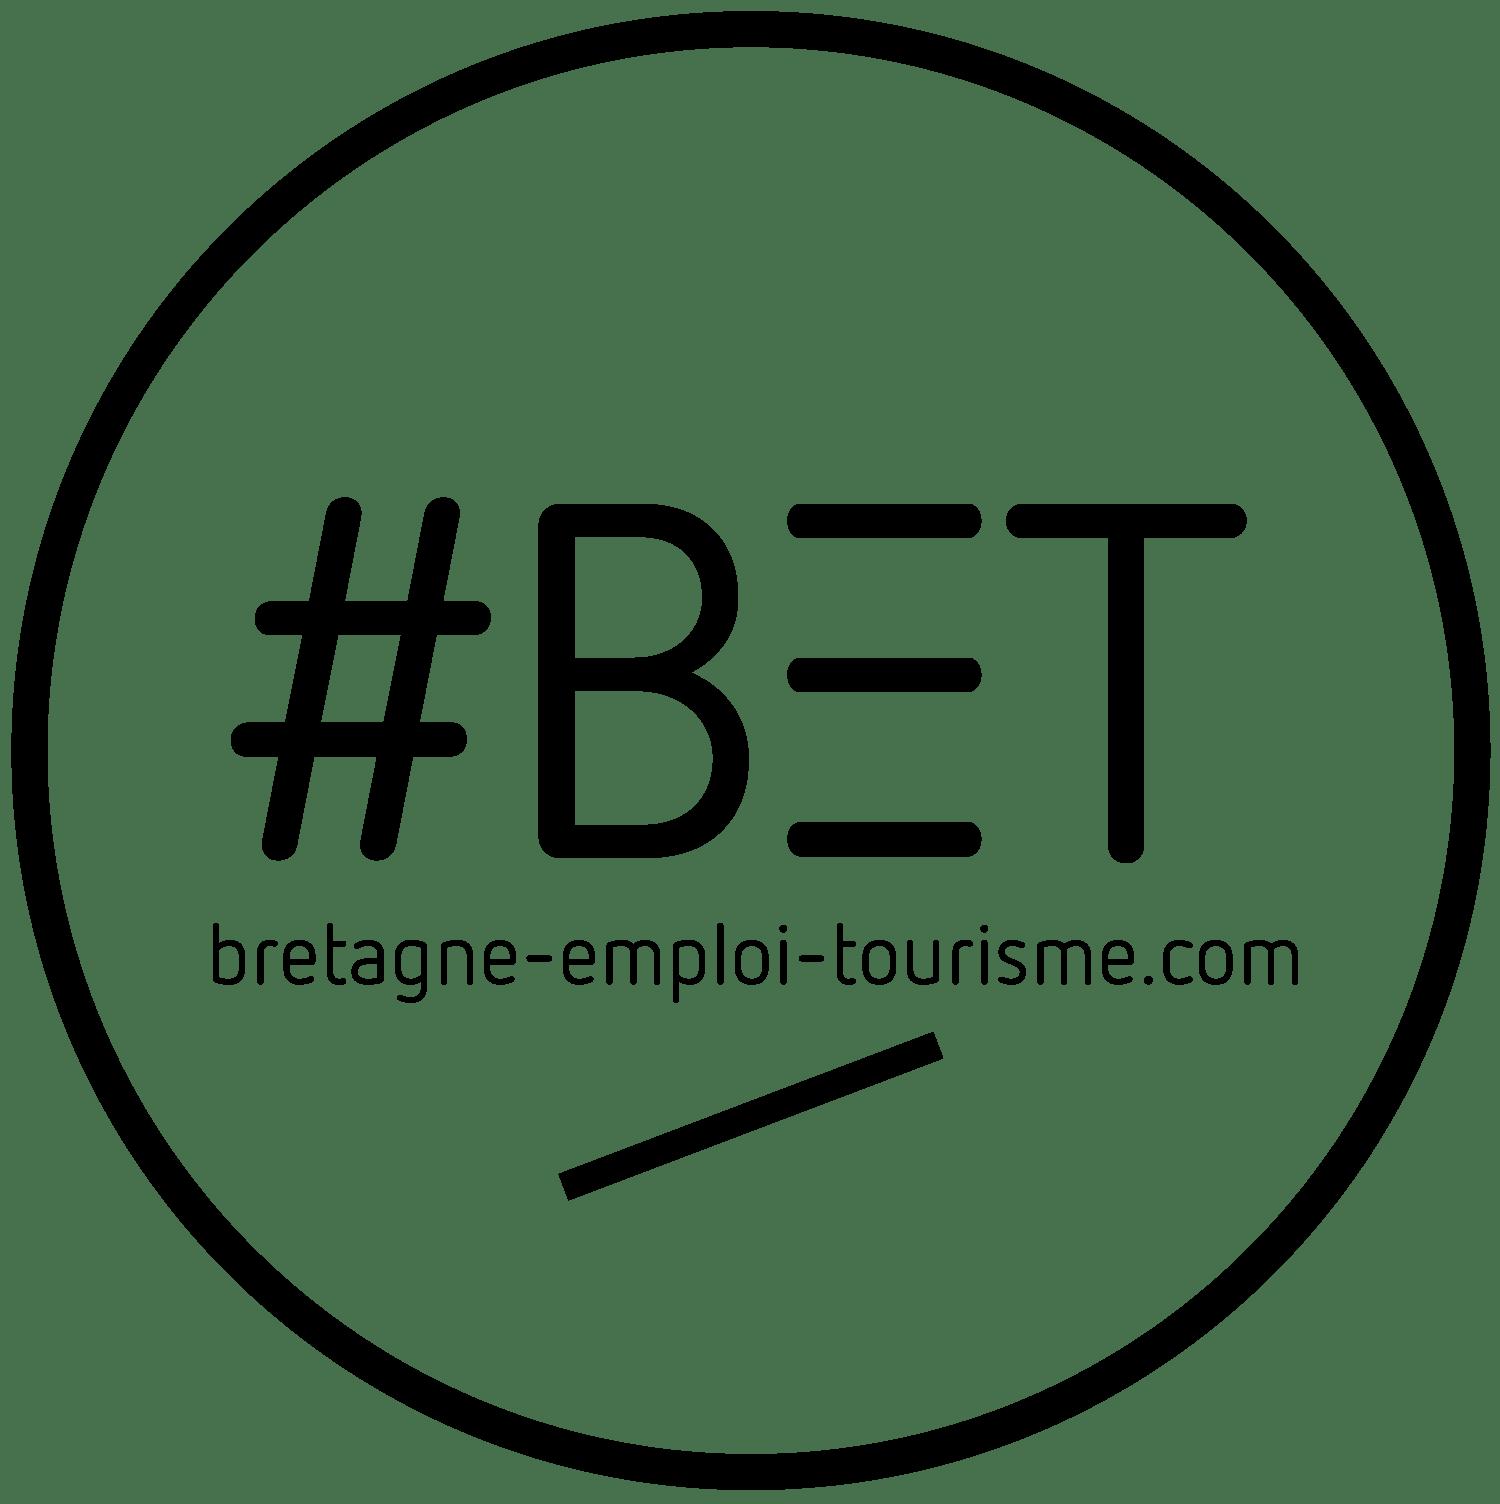 Le site de référence de l'emploi dans le tourisme en Bretagne